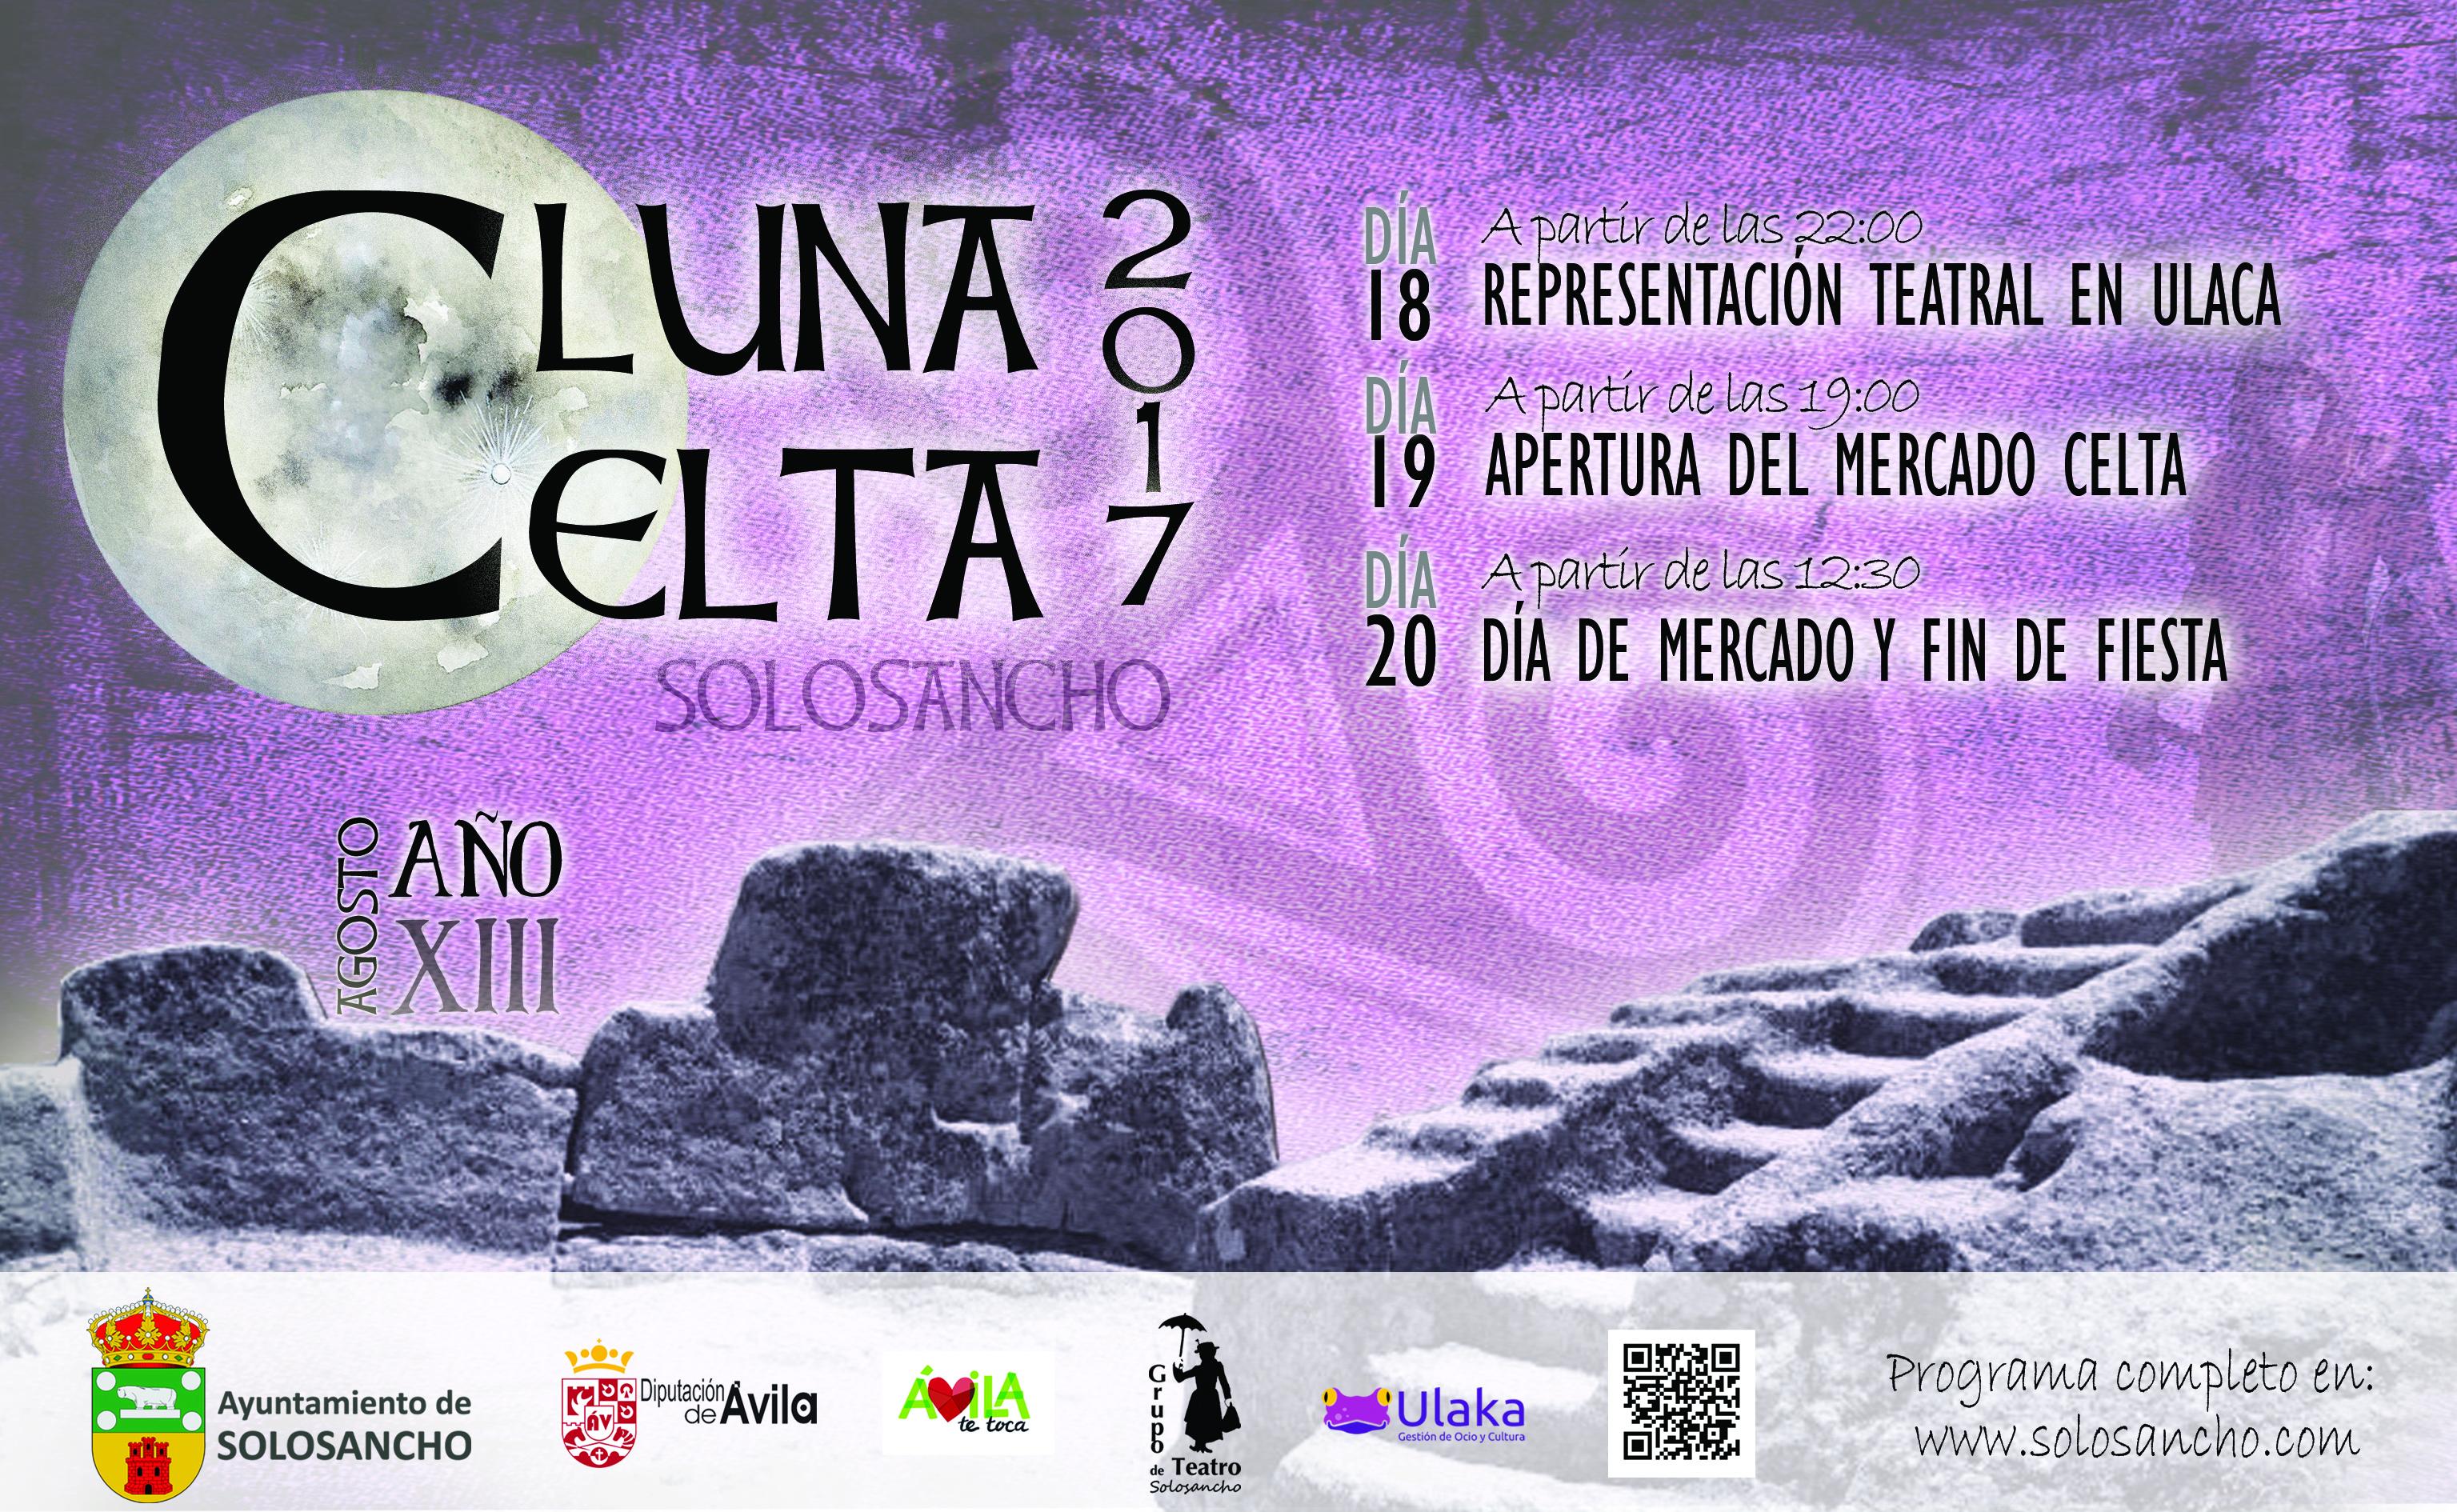 Luna Celta 2017